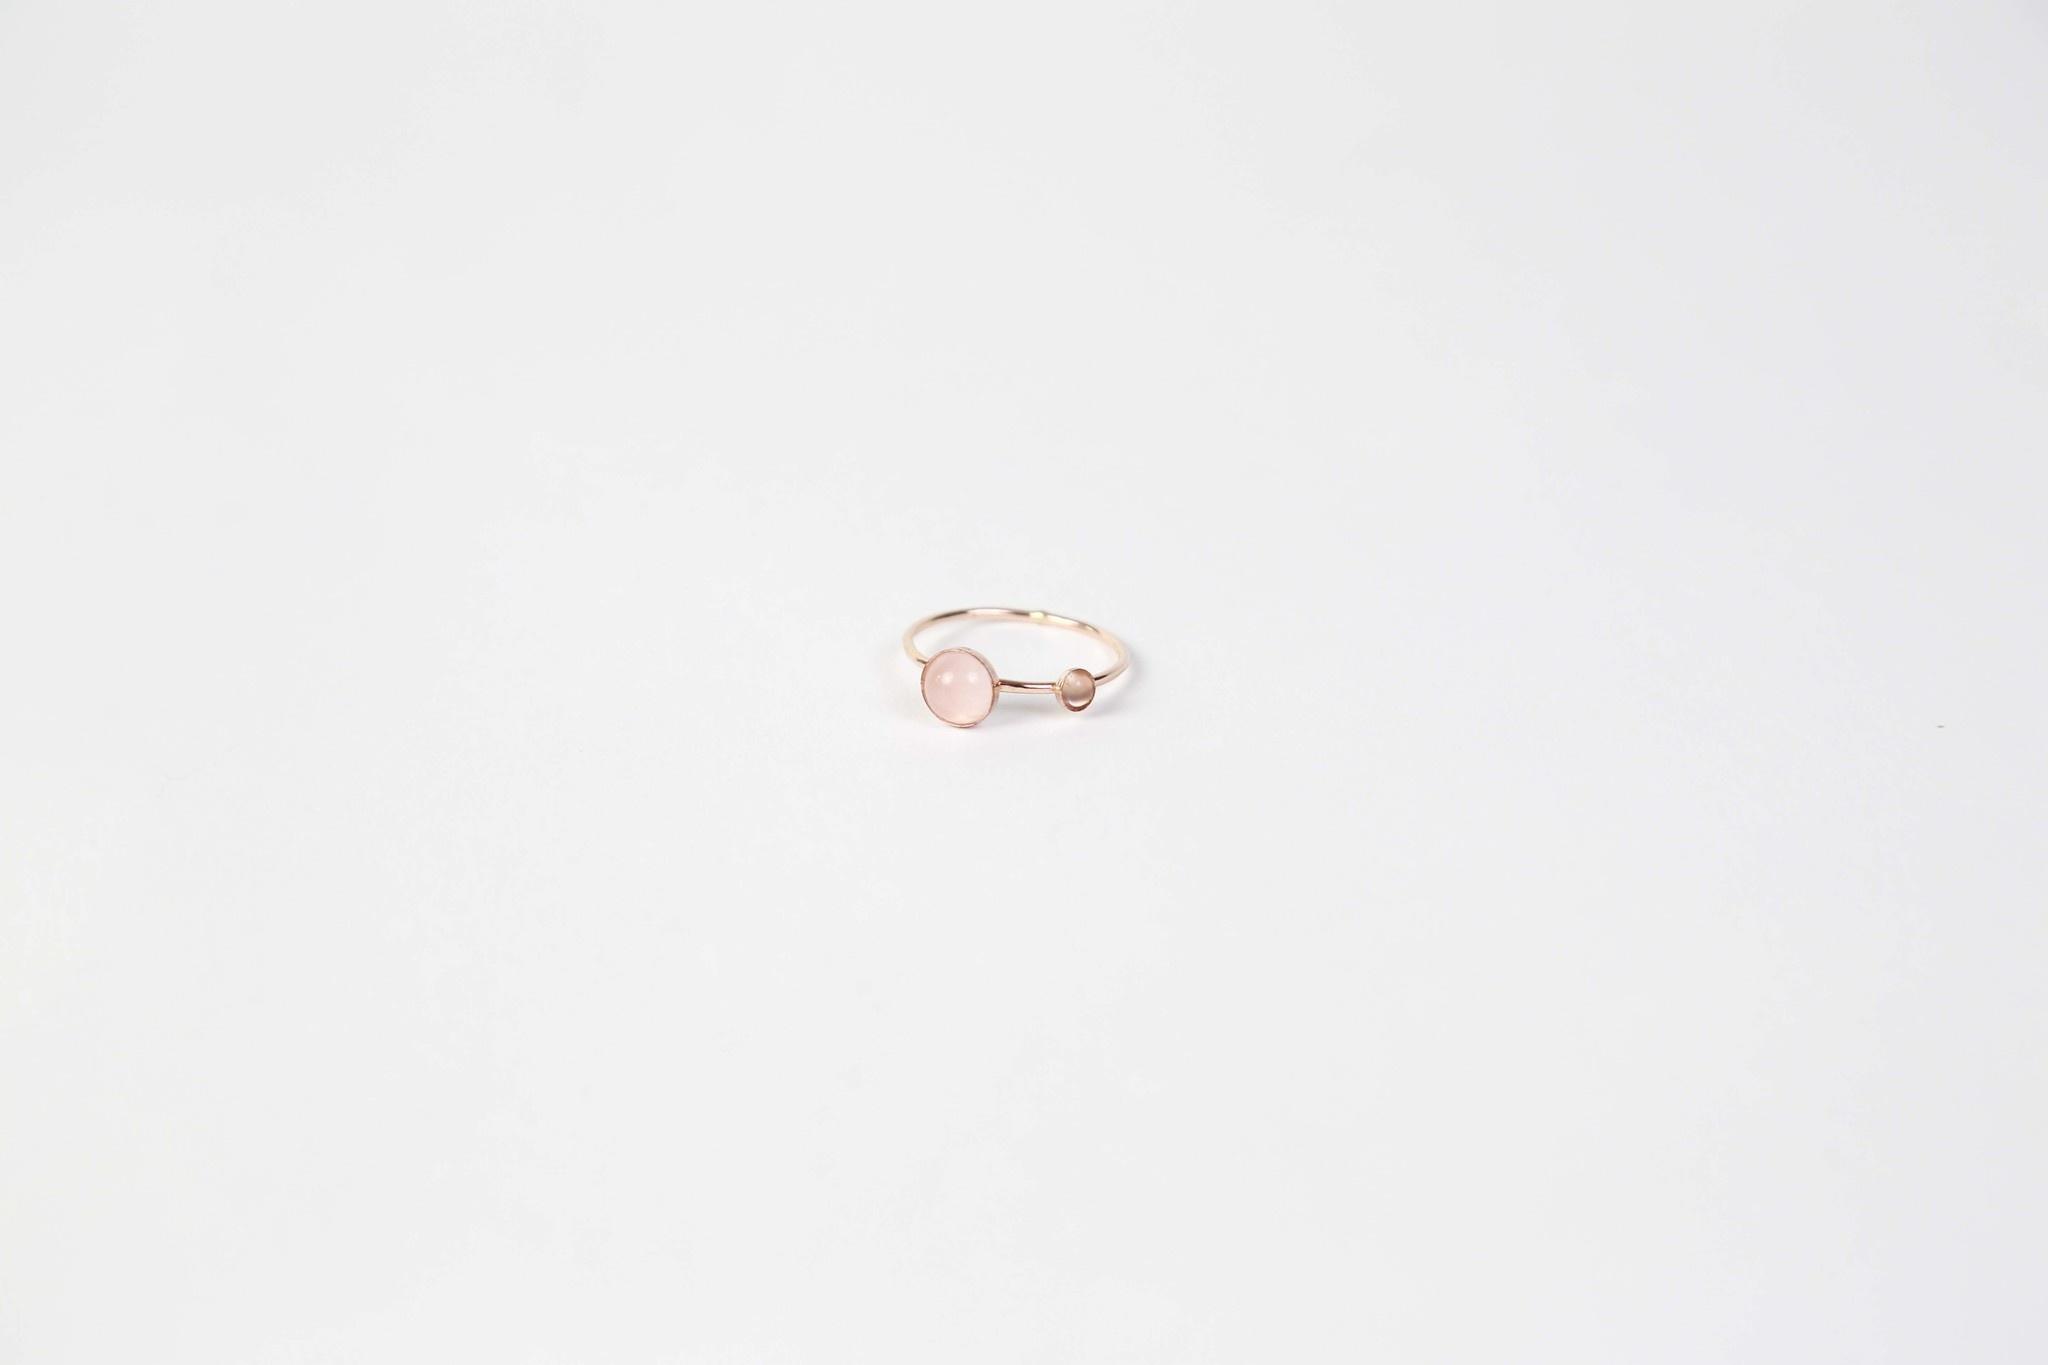 Chertova Sydney Ring, 14k Gold Filled